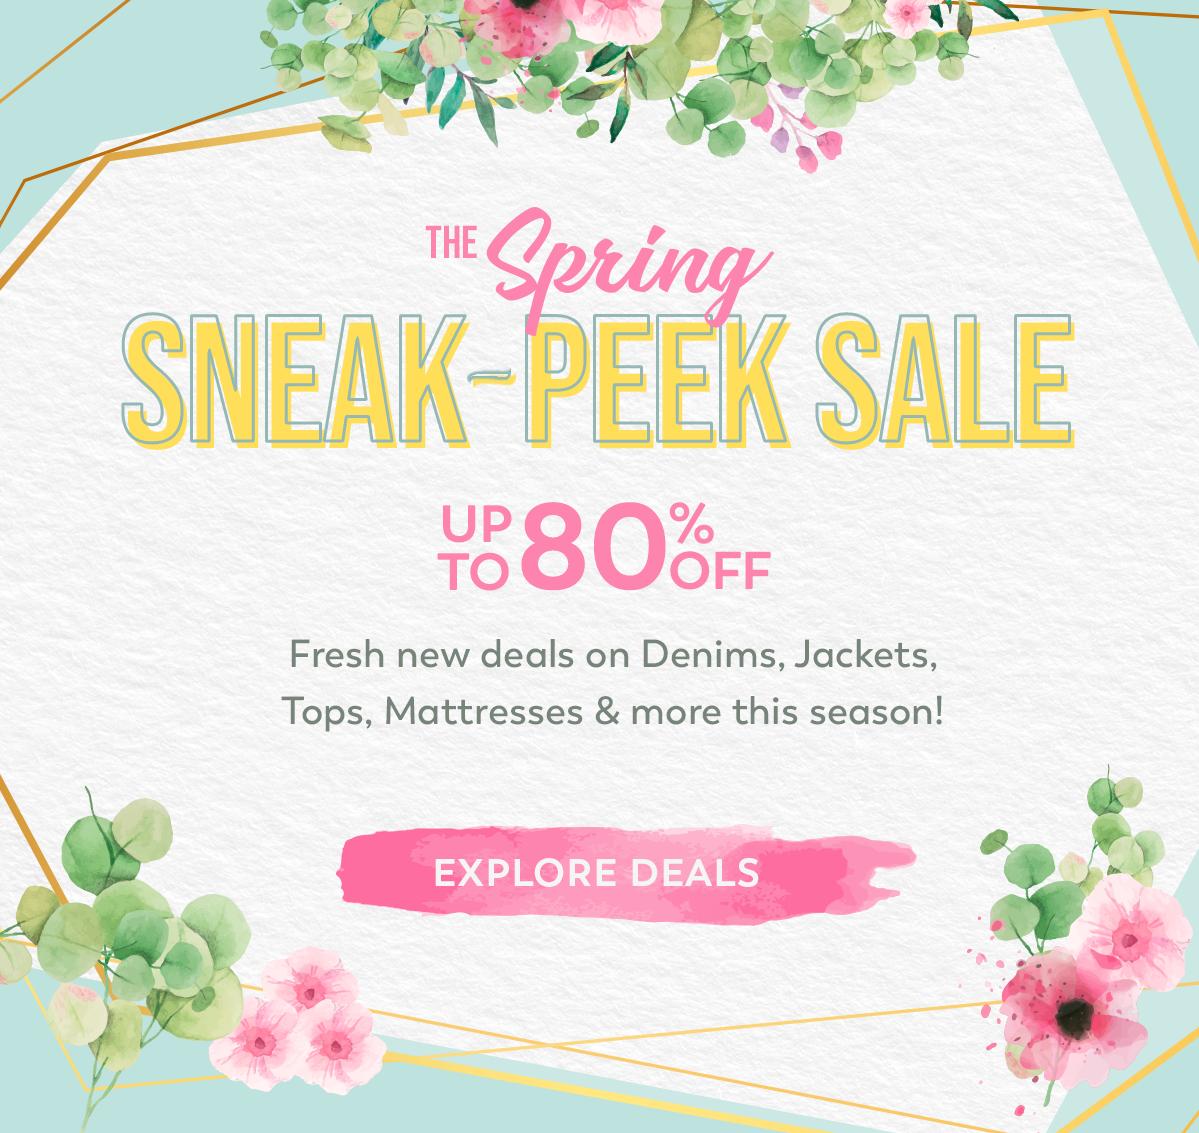 Spring Sneak Peek Sale